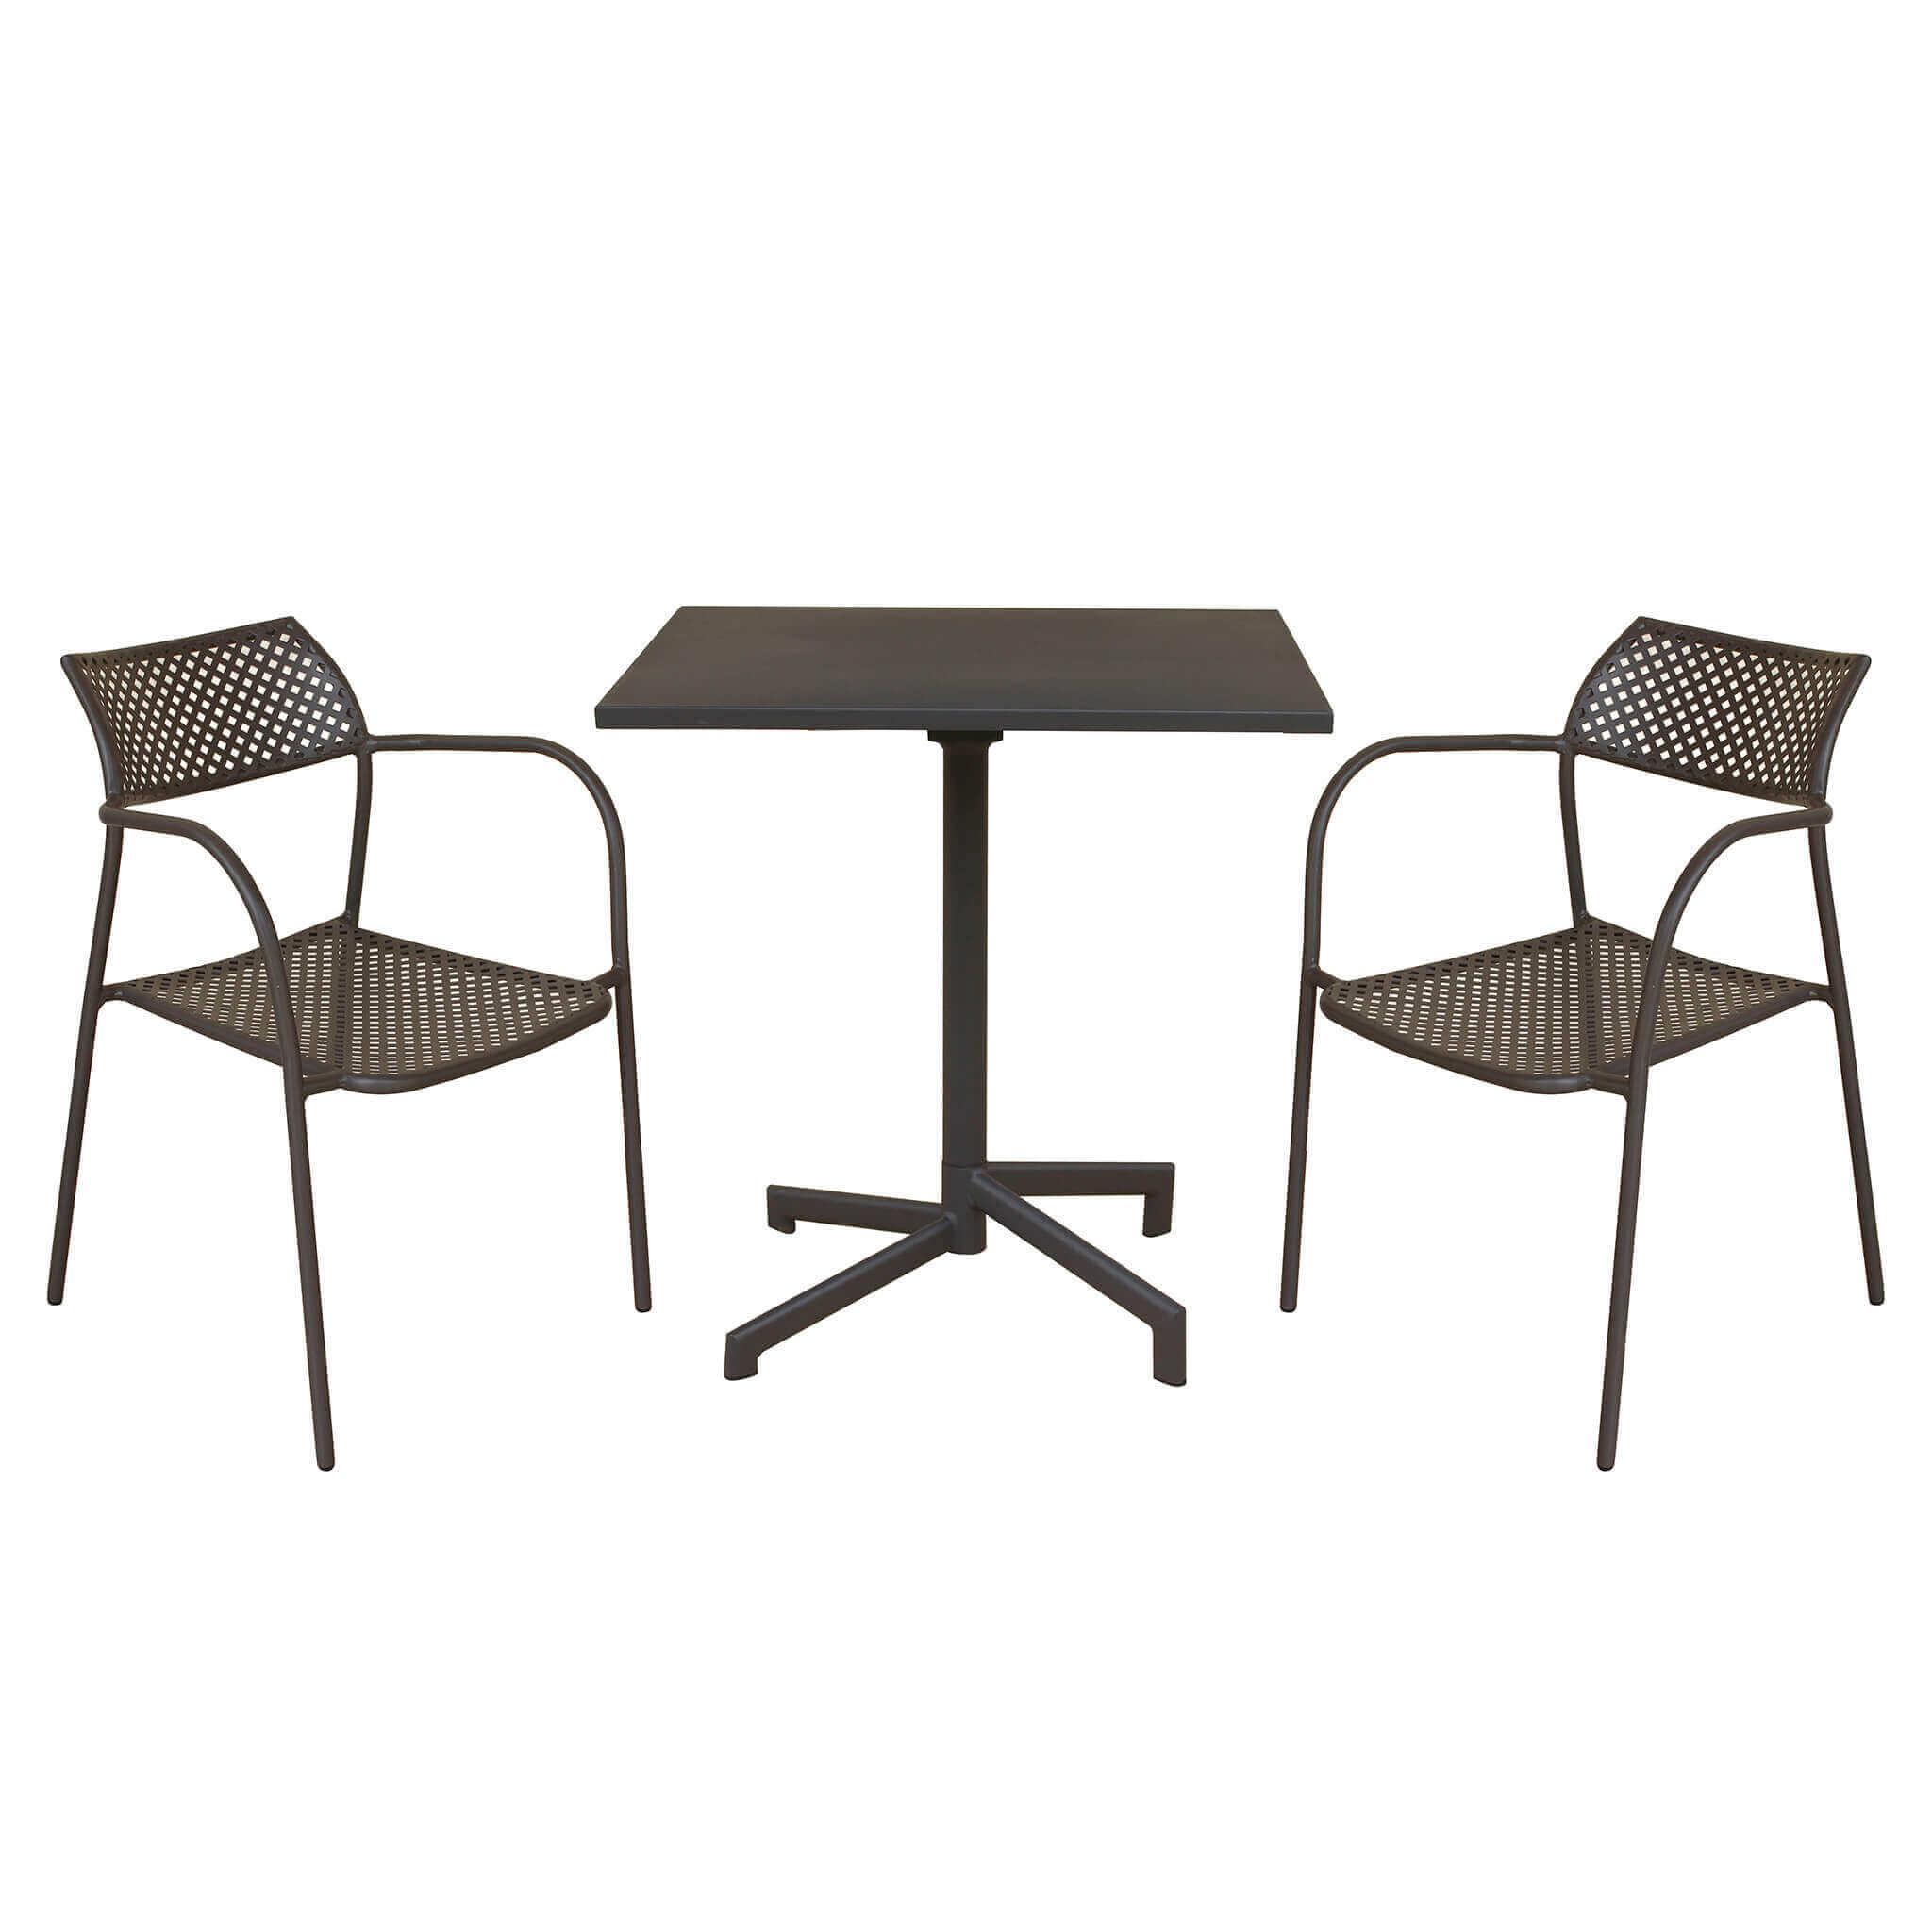 Milani Home OPERA - set tavolo in metallo 9,0 con 2 sedute